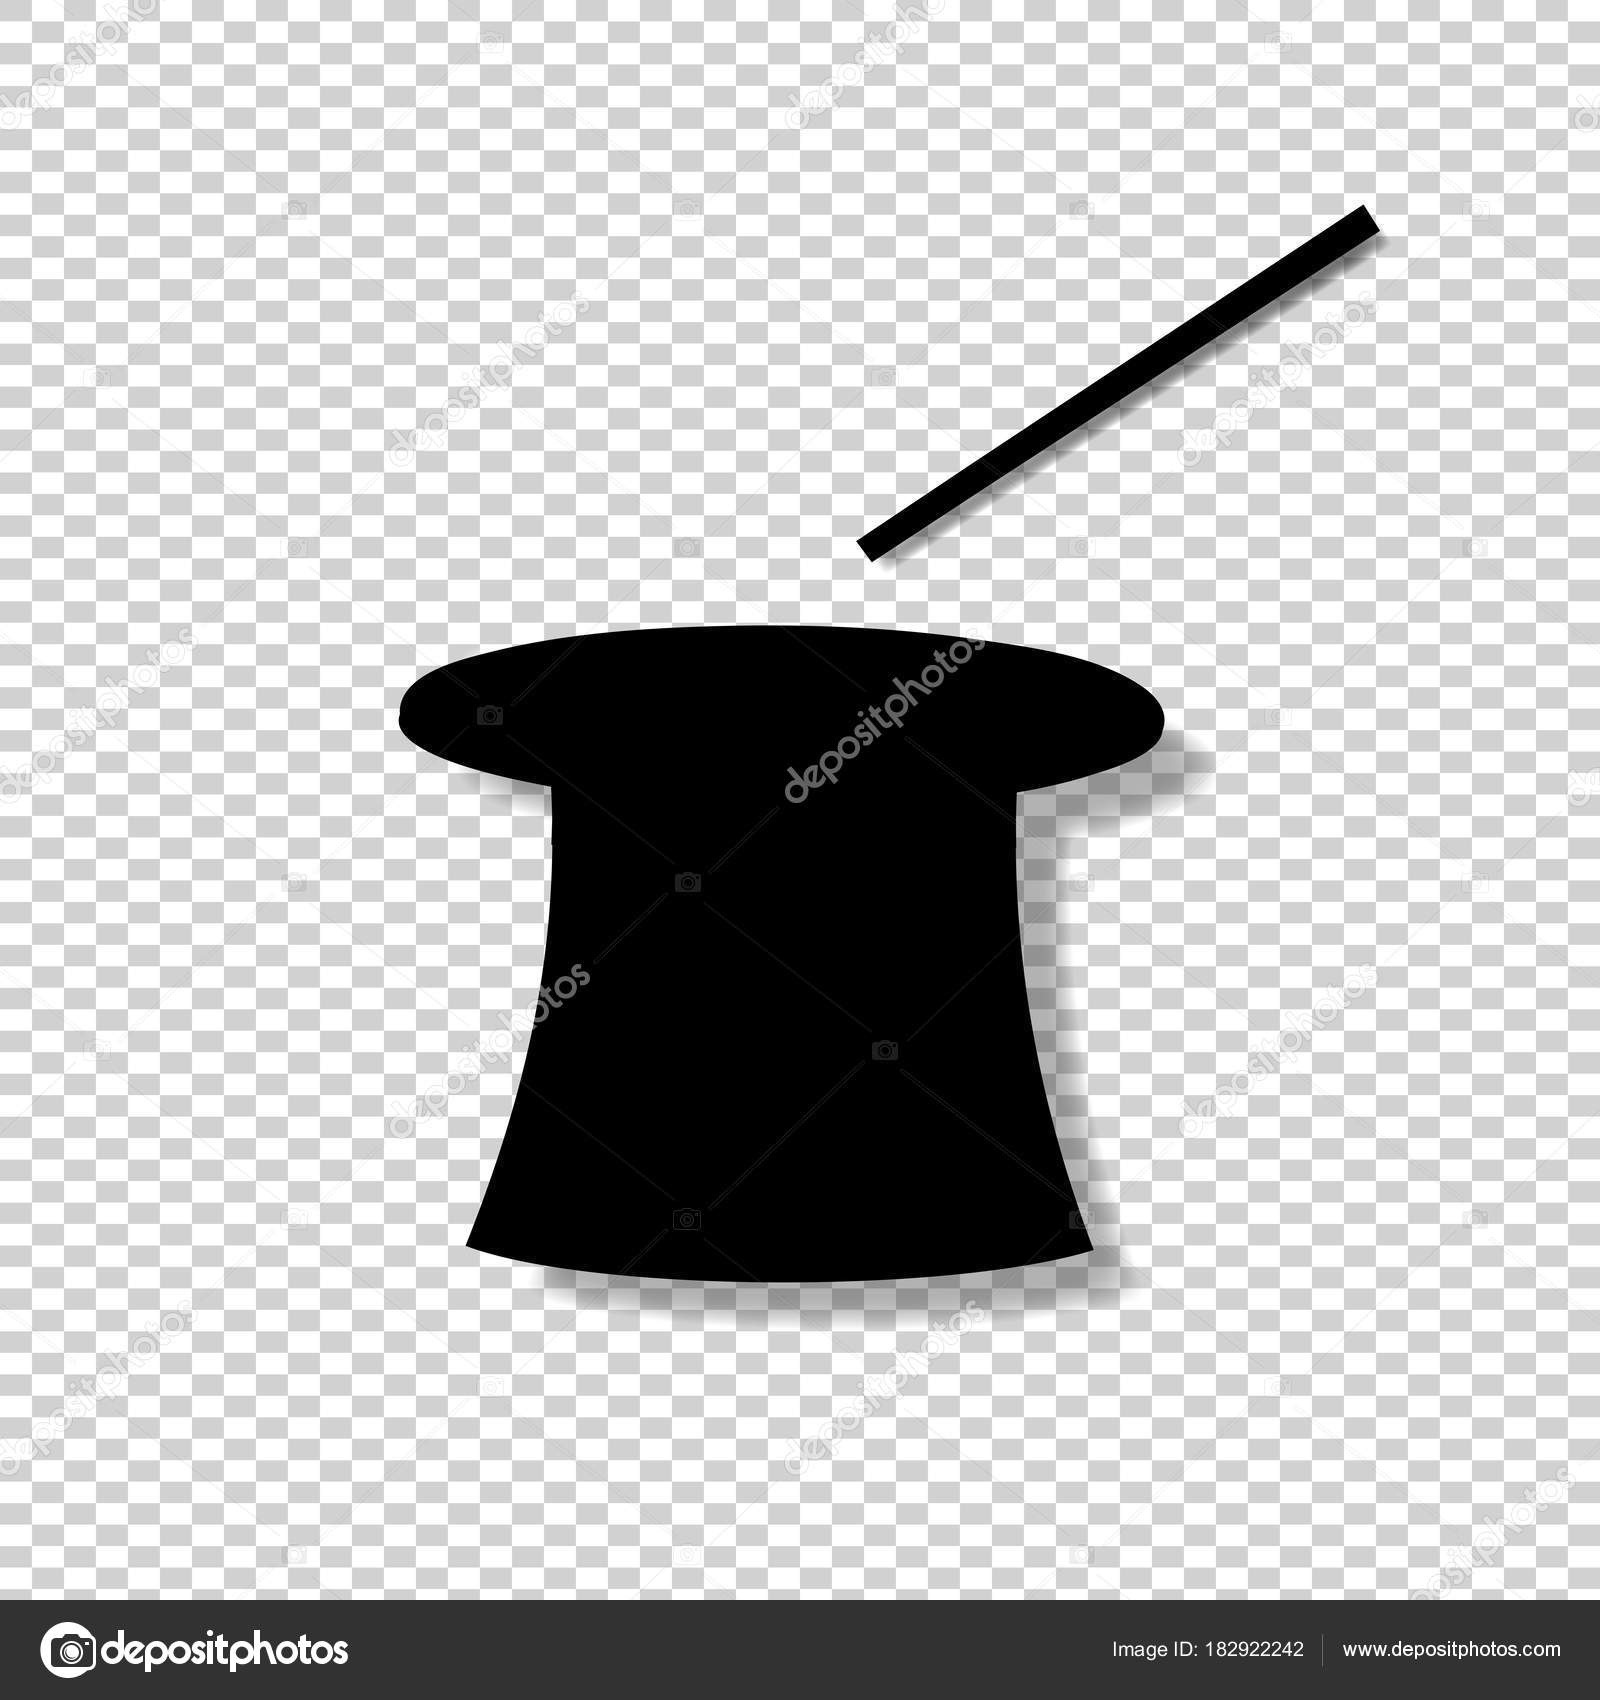 Siluetta nera del cappello a cilindro magico e bacchetta isolato su sfondo  trasparente. Illustrazione vettoriale a9a4f9be7ce2